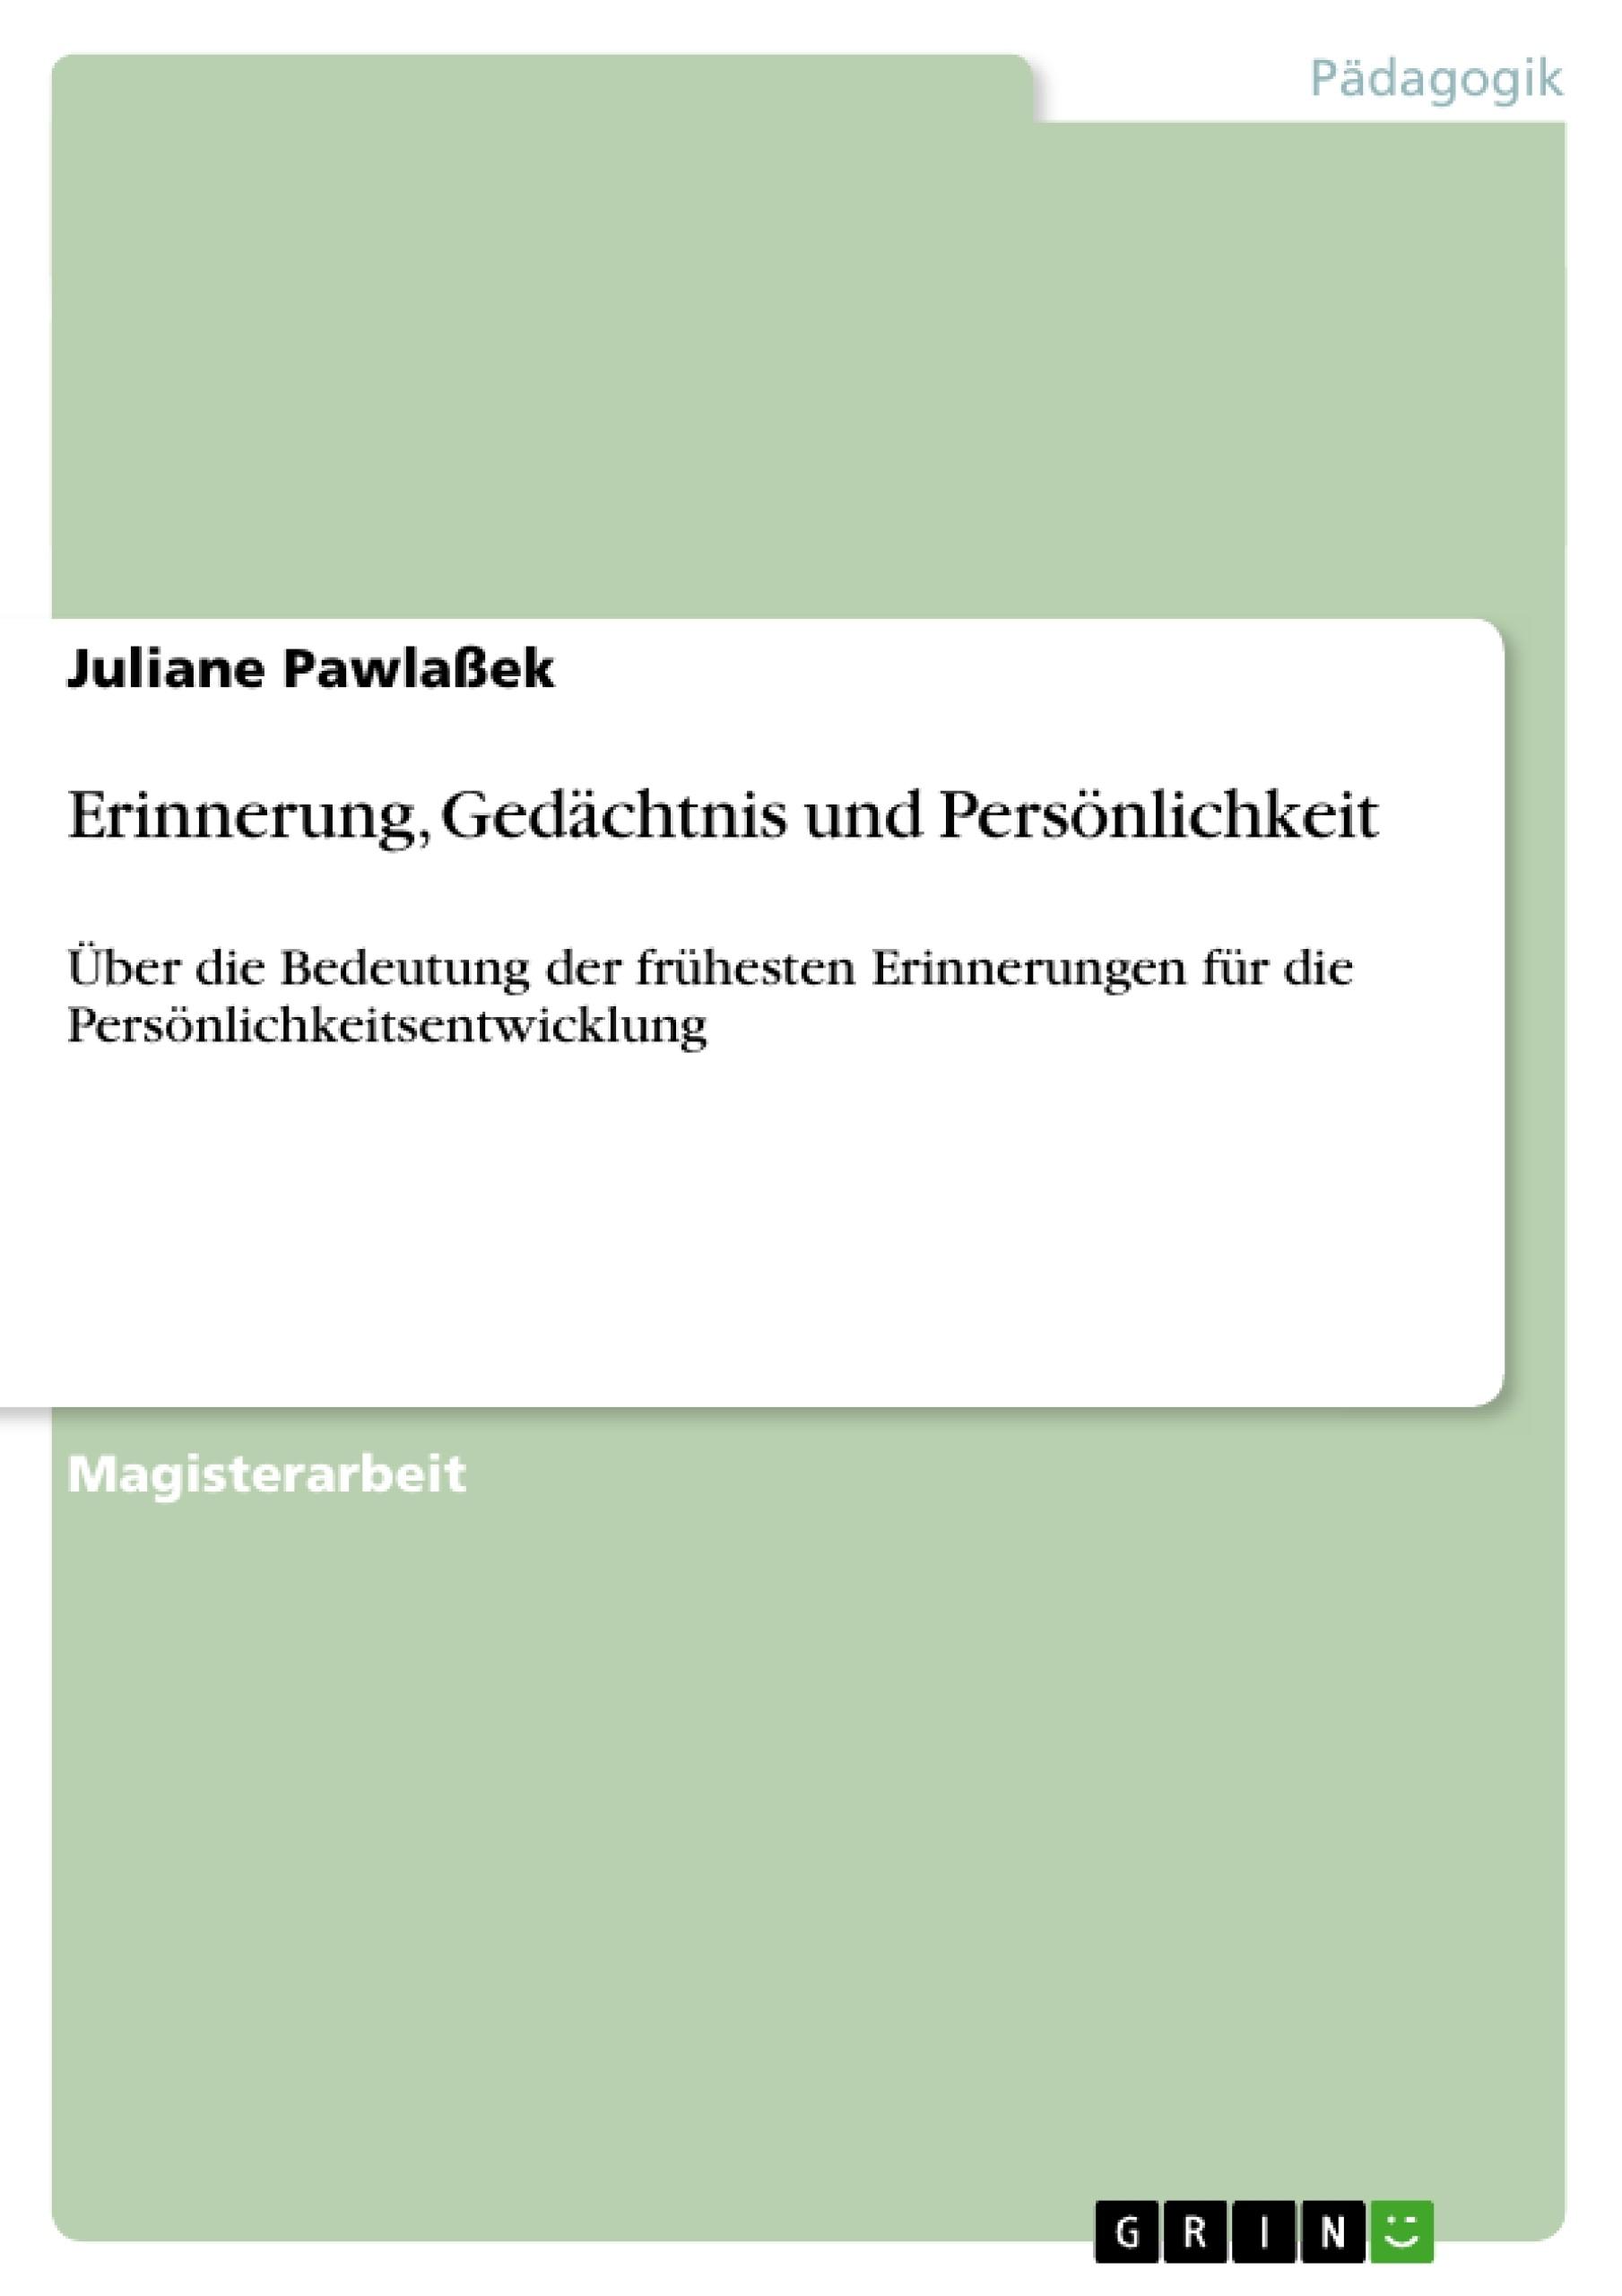 Titel: Erinnerung, Gedächtnis und Persönlichkeit